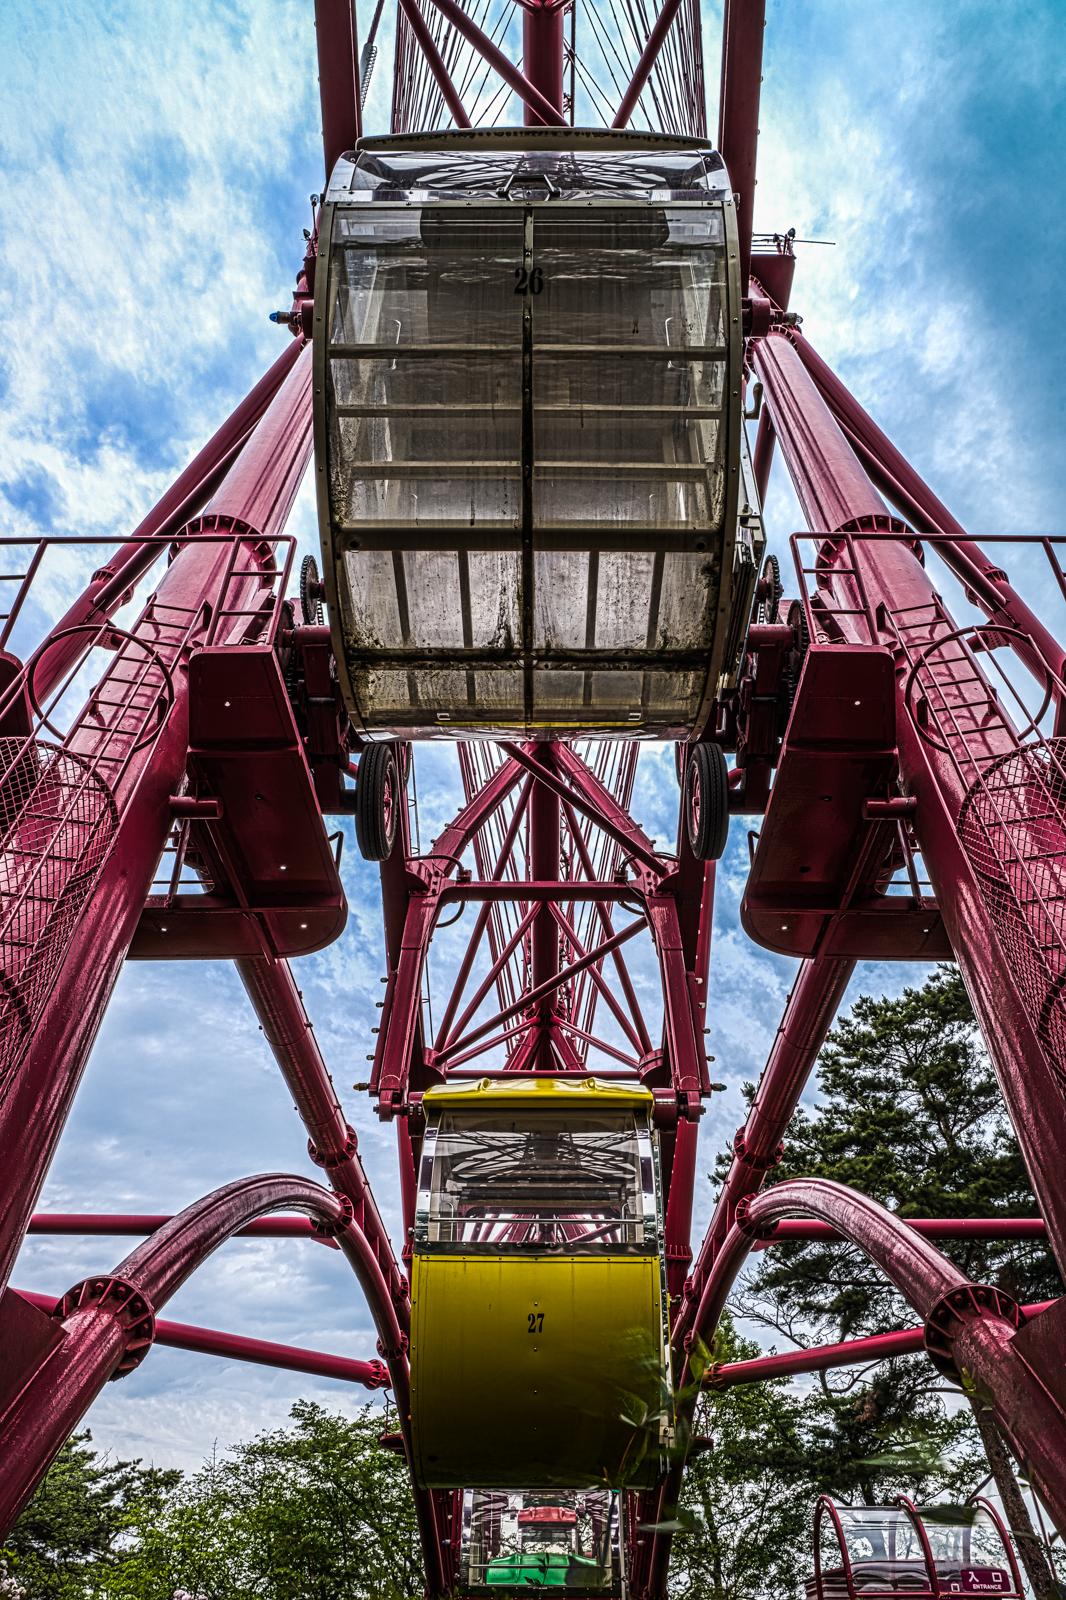 西武園ゆうえんちの大観覧車、透明なゴンドラの写真